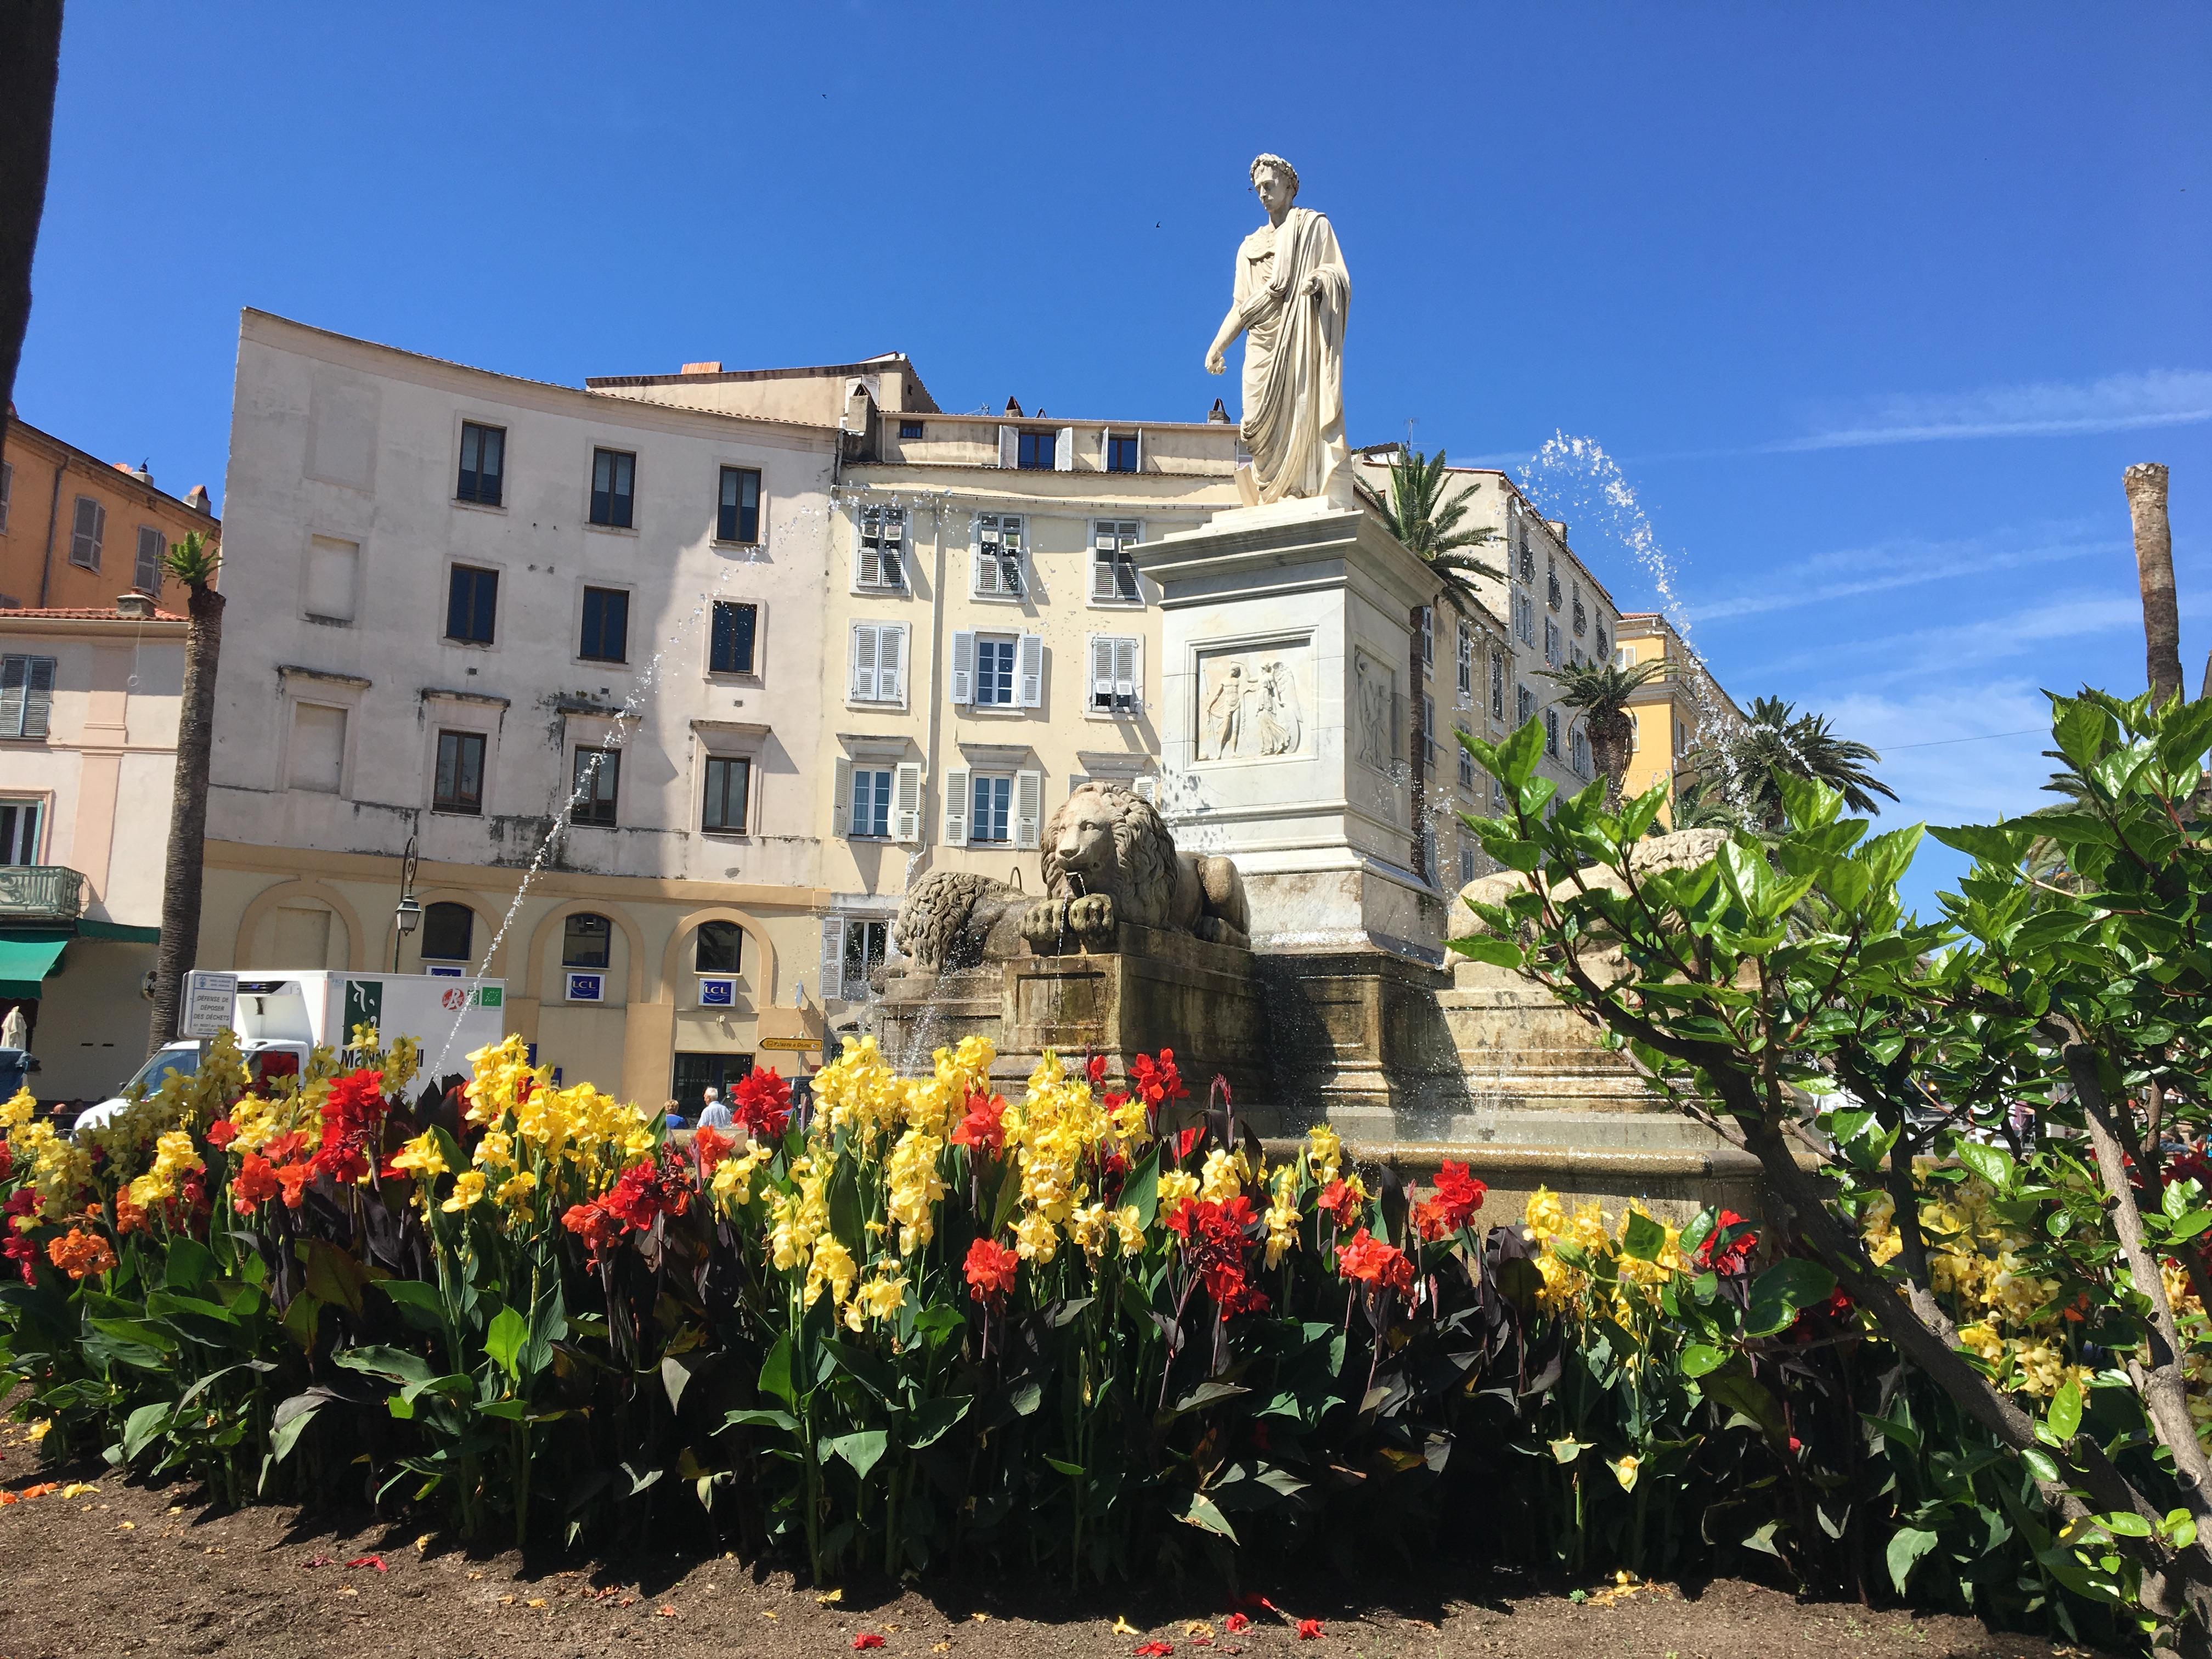 La photo du jour : Les fleurs, le Soleil et la place Foch